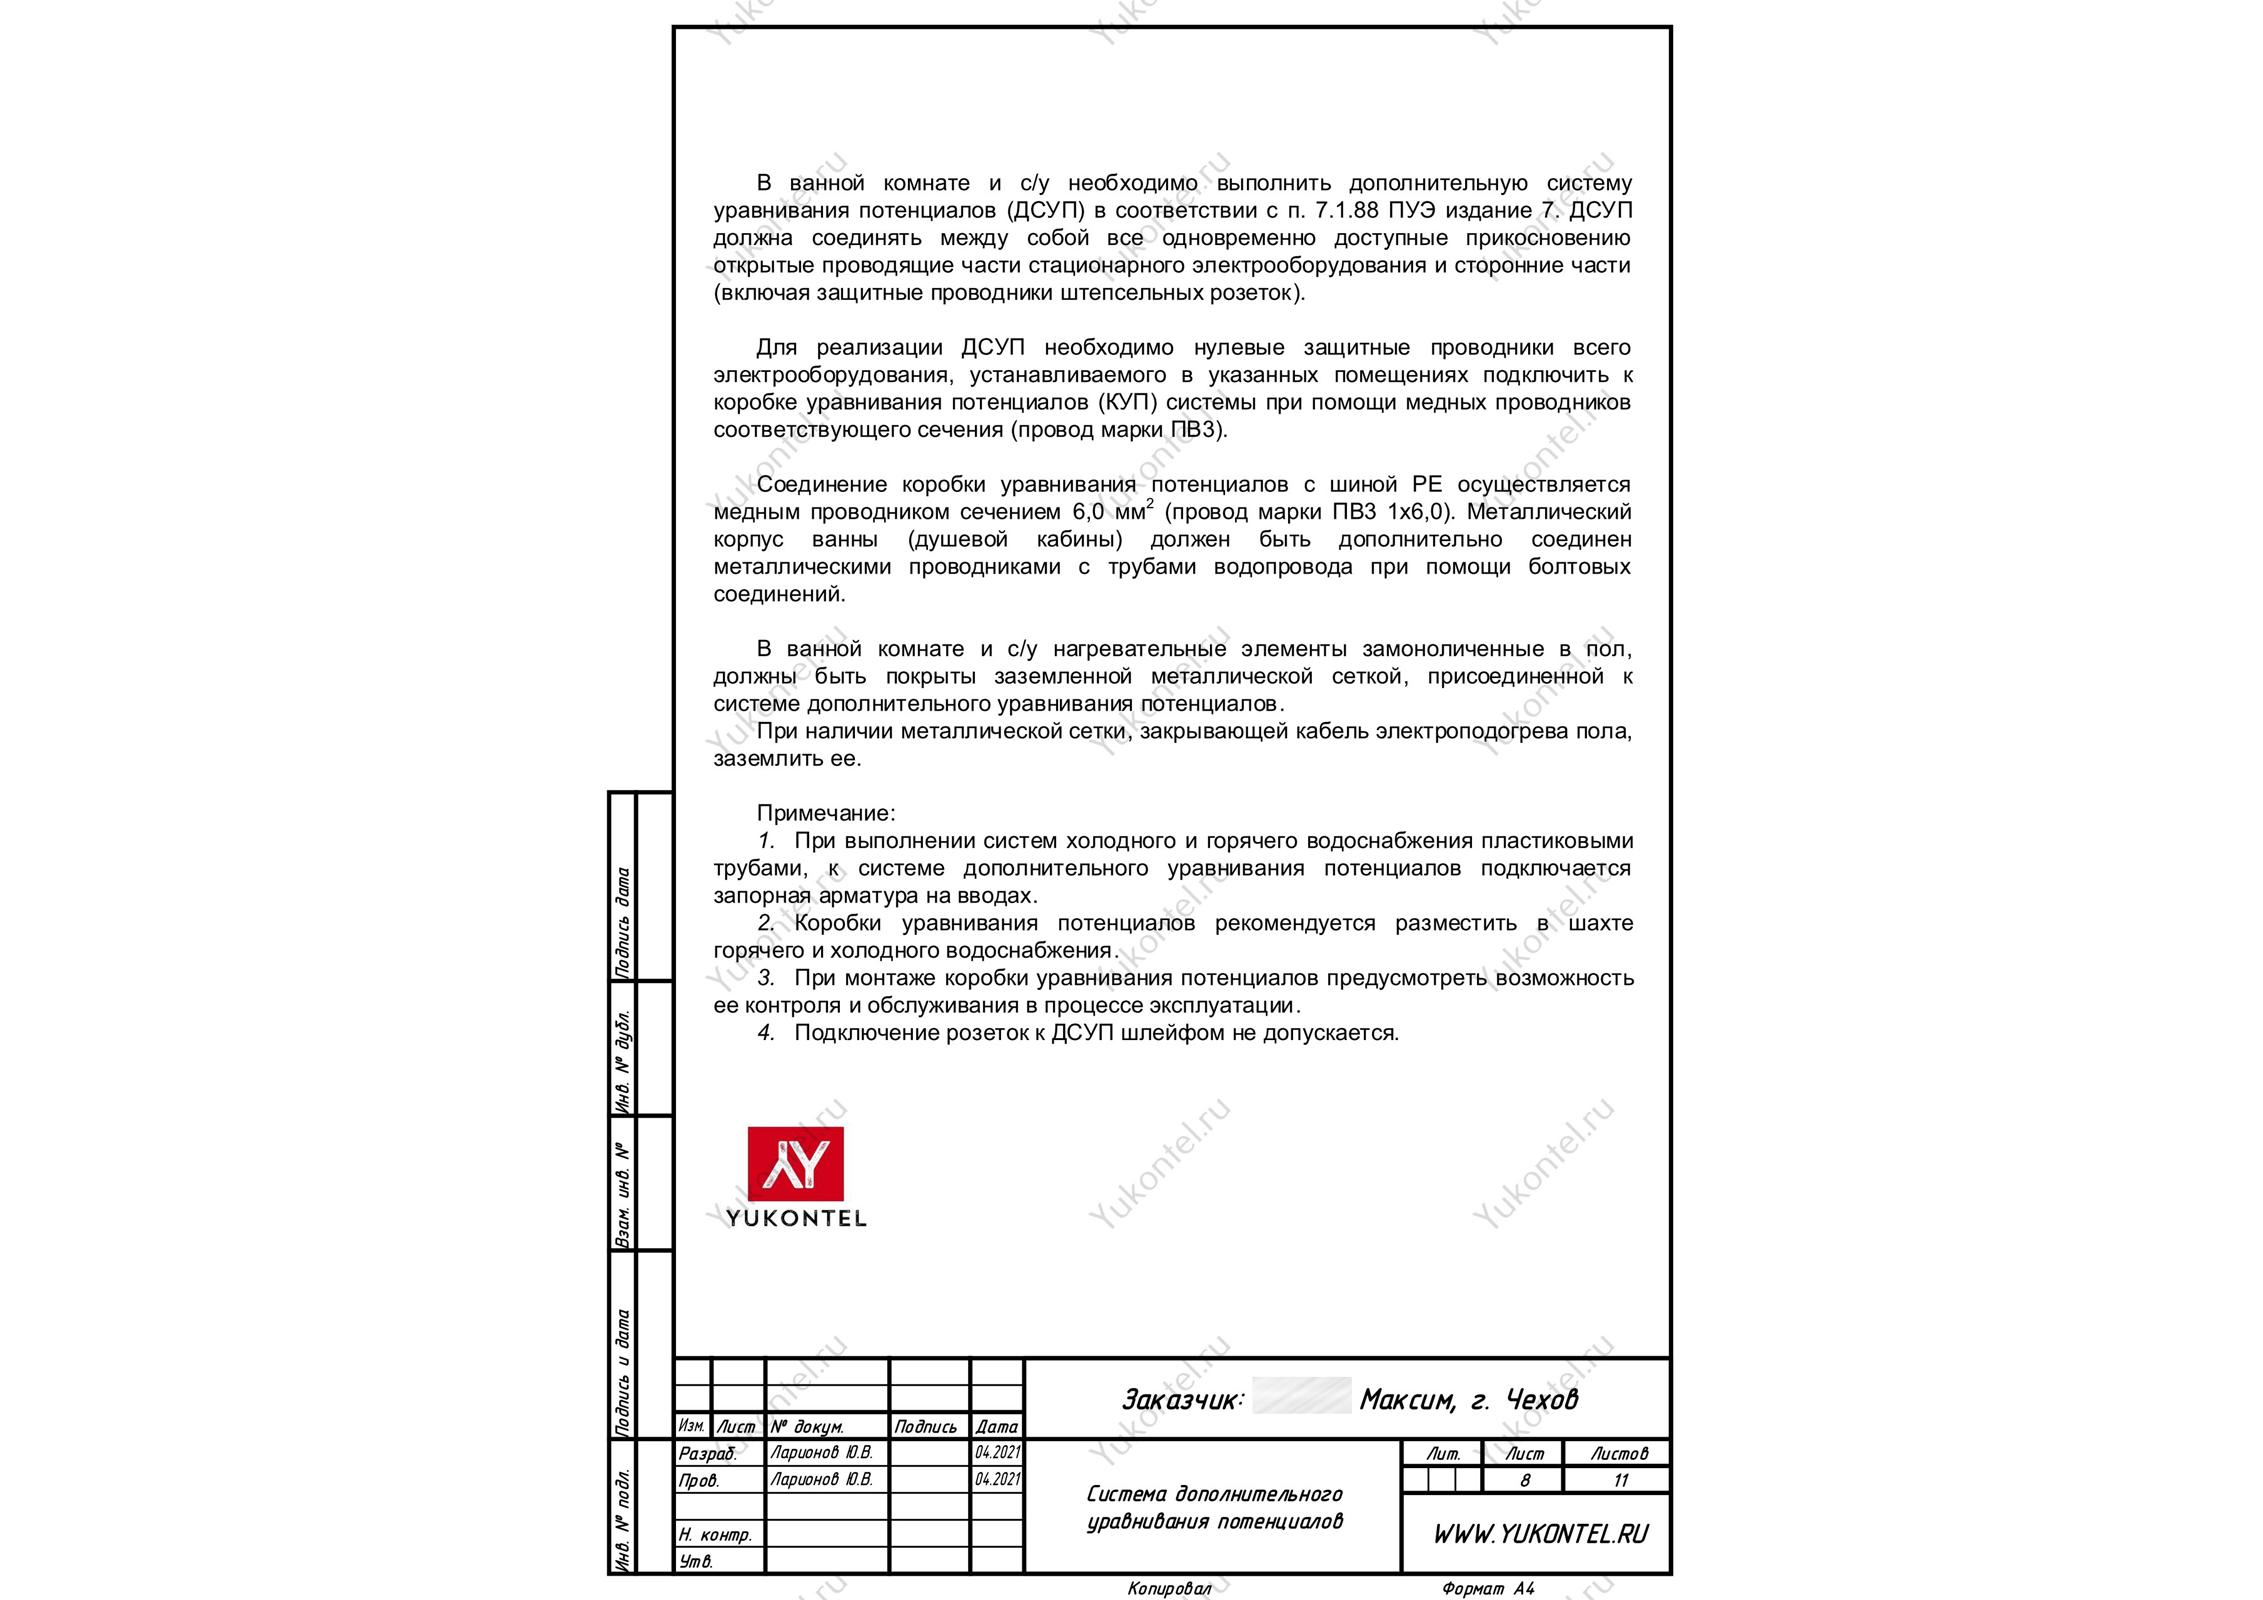 проект электрощита чдом Чехов